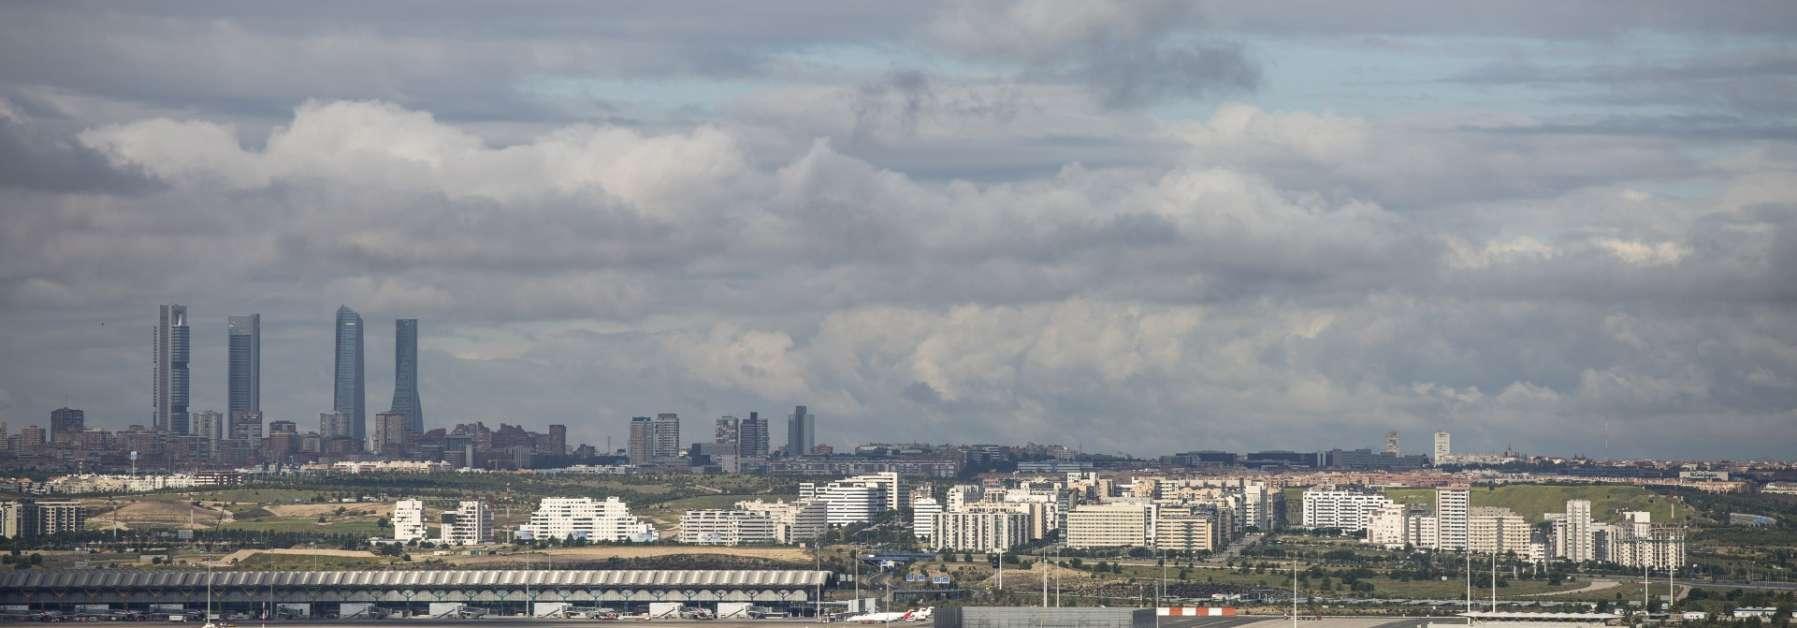 Descubre VALDEBEBAS<br/> ciudad inteligente, ciudad del futuro